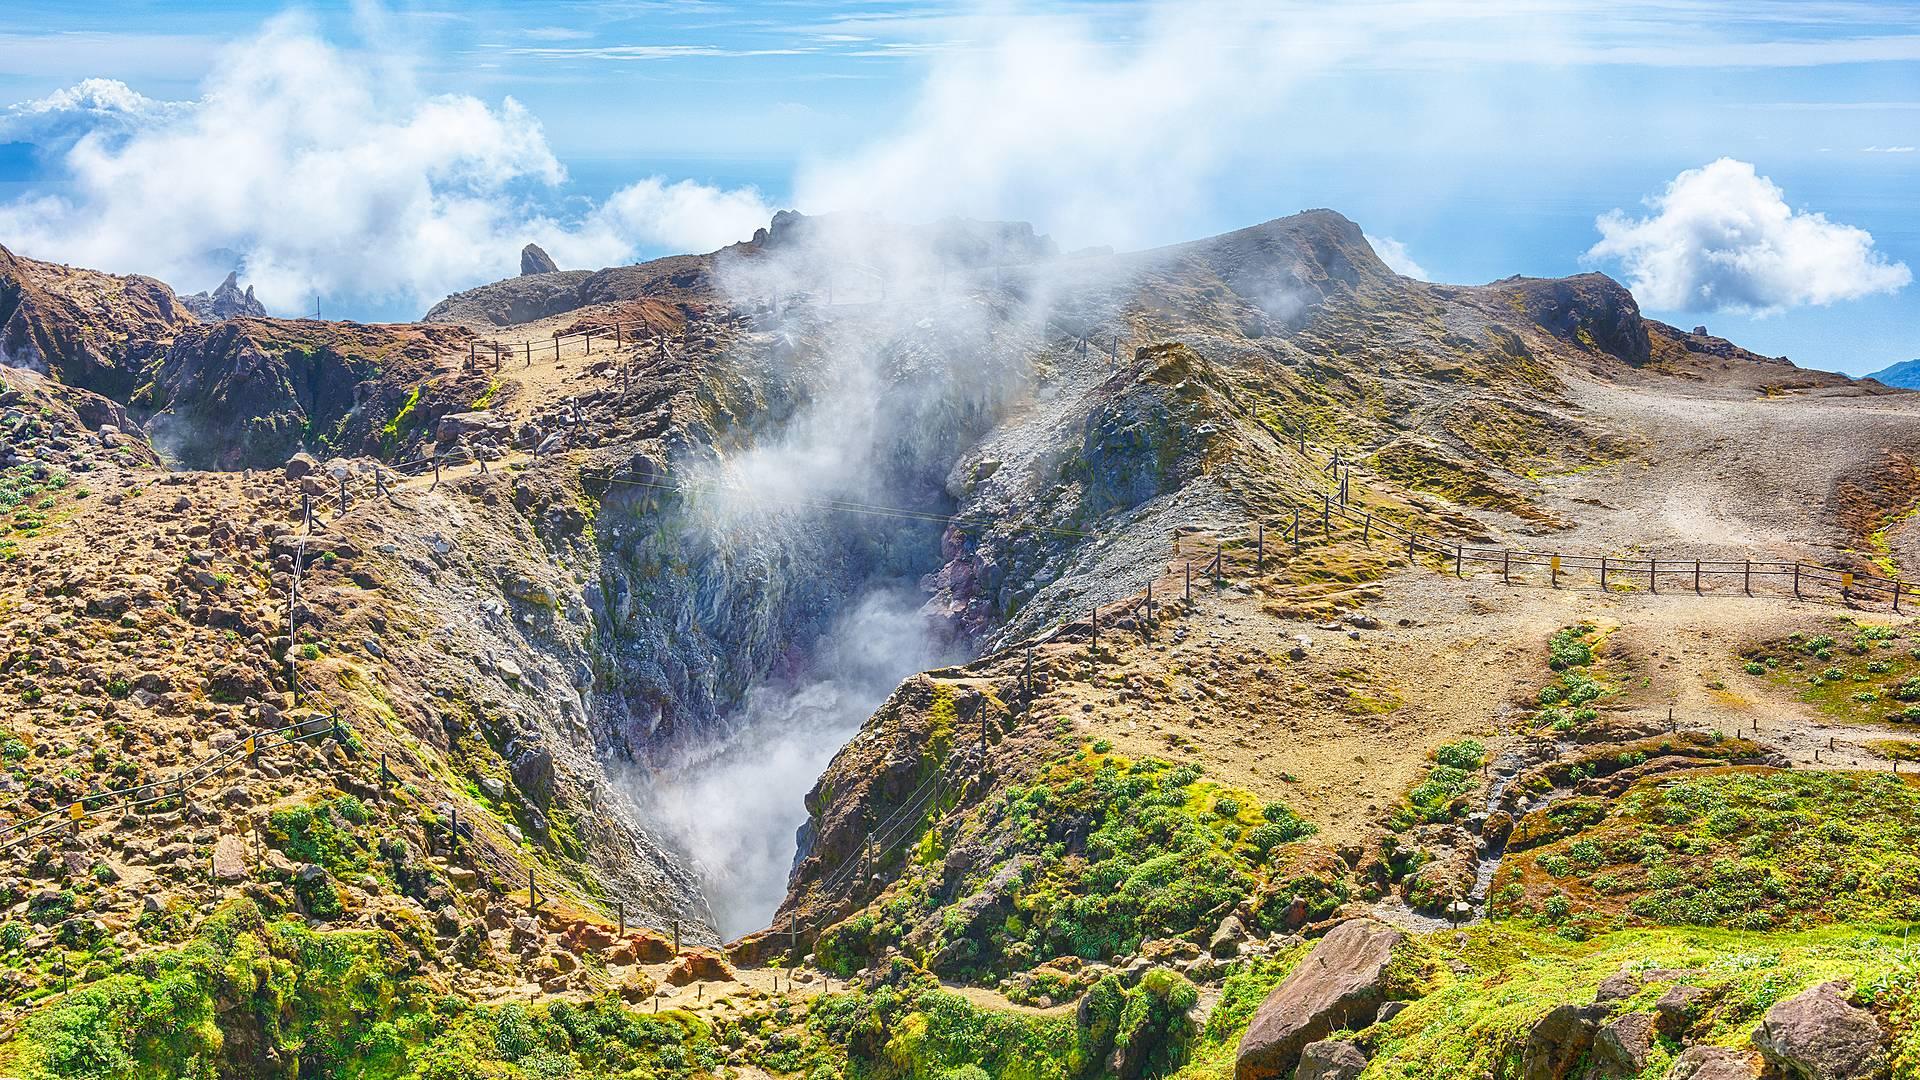 L'or vert des îles de Guadeloupe, la nature autrement